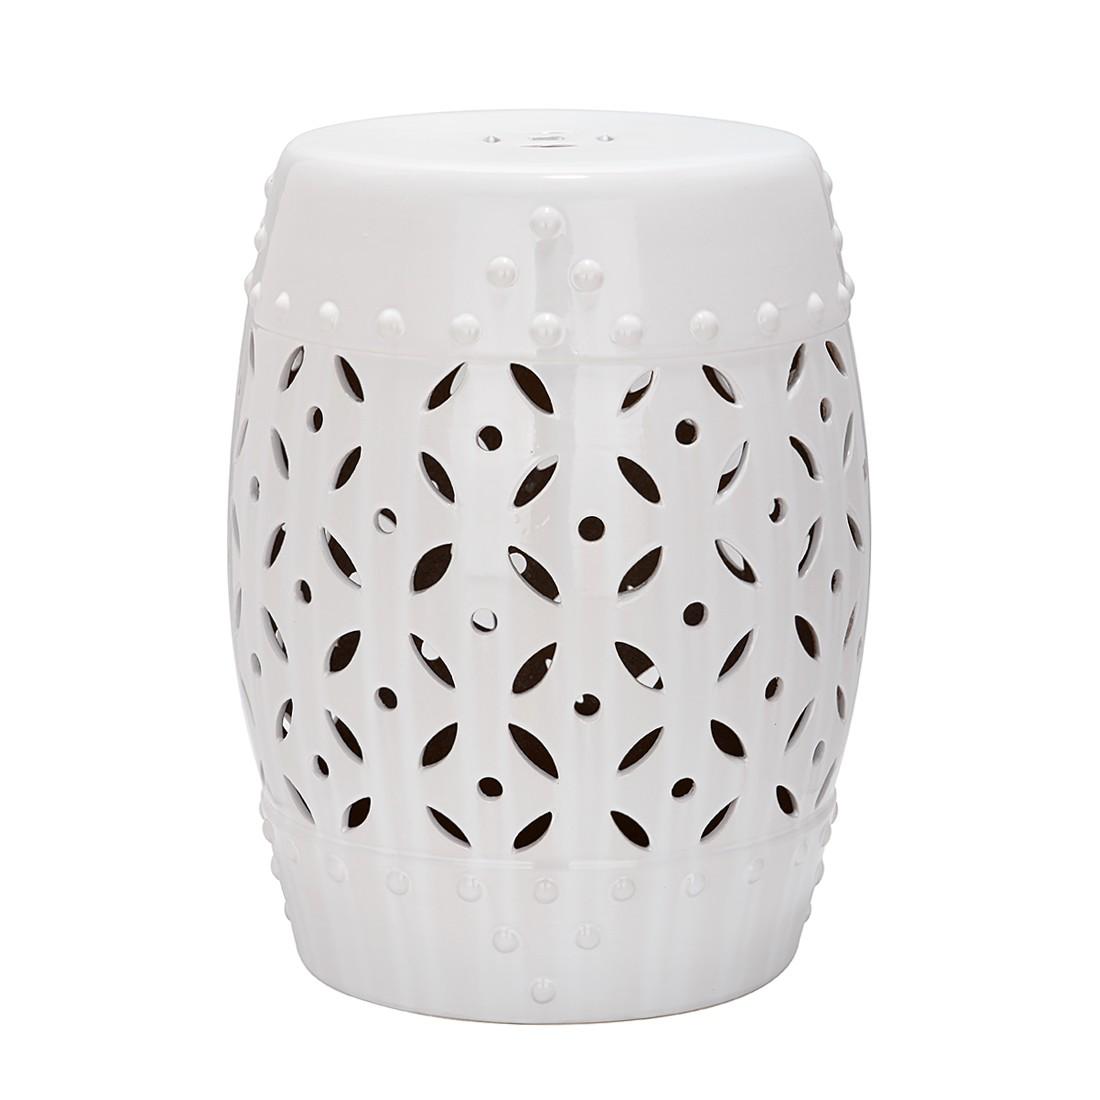 Keramikhocker Münze – Weiß, Safavieh bestellen